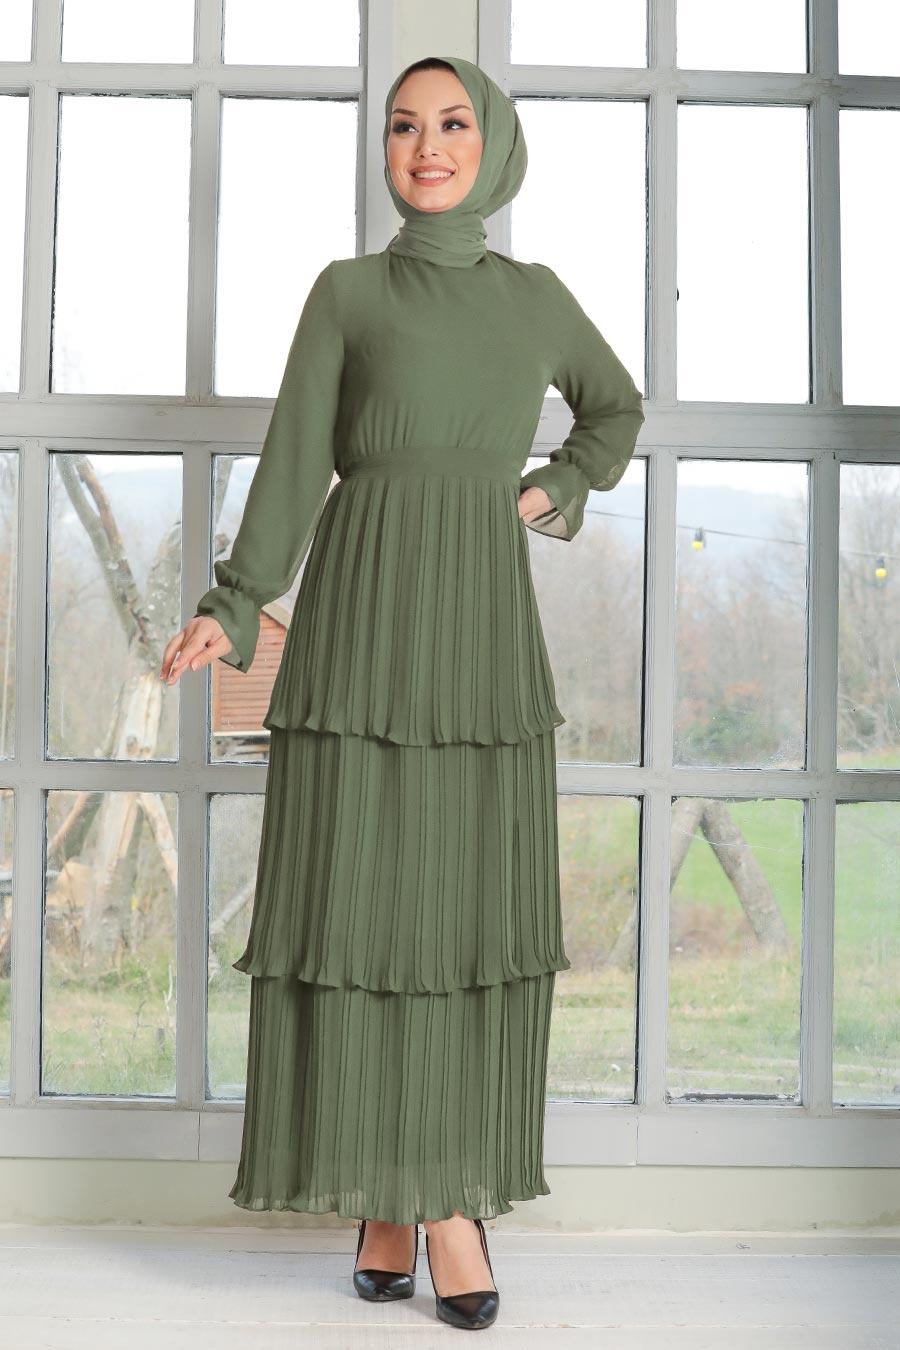 Neva Style - Pliseli Haki Tesettür Elbise 2733HK